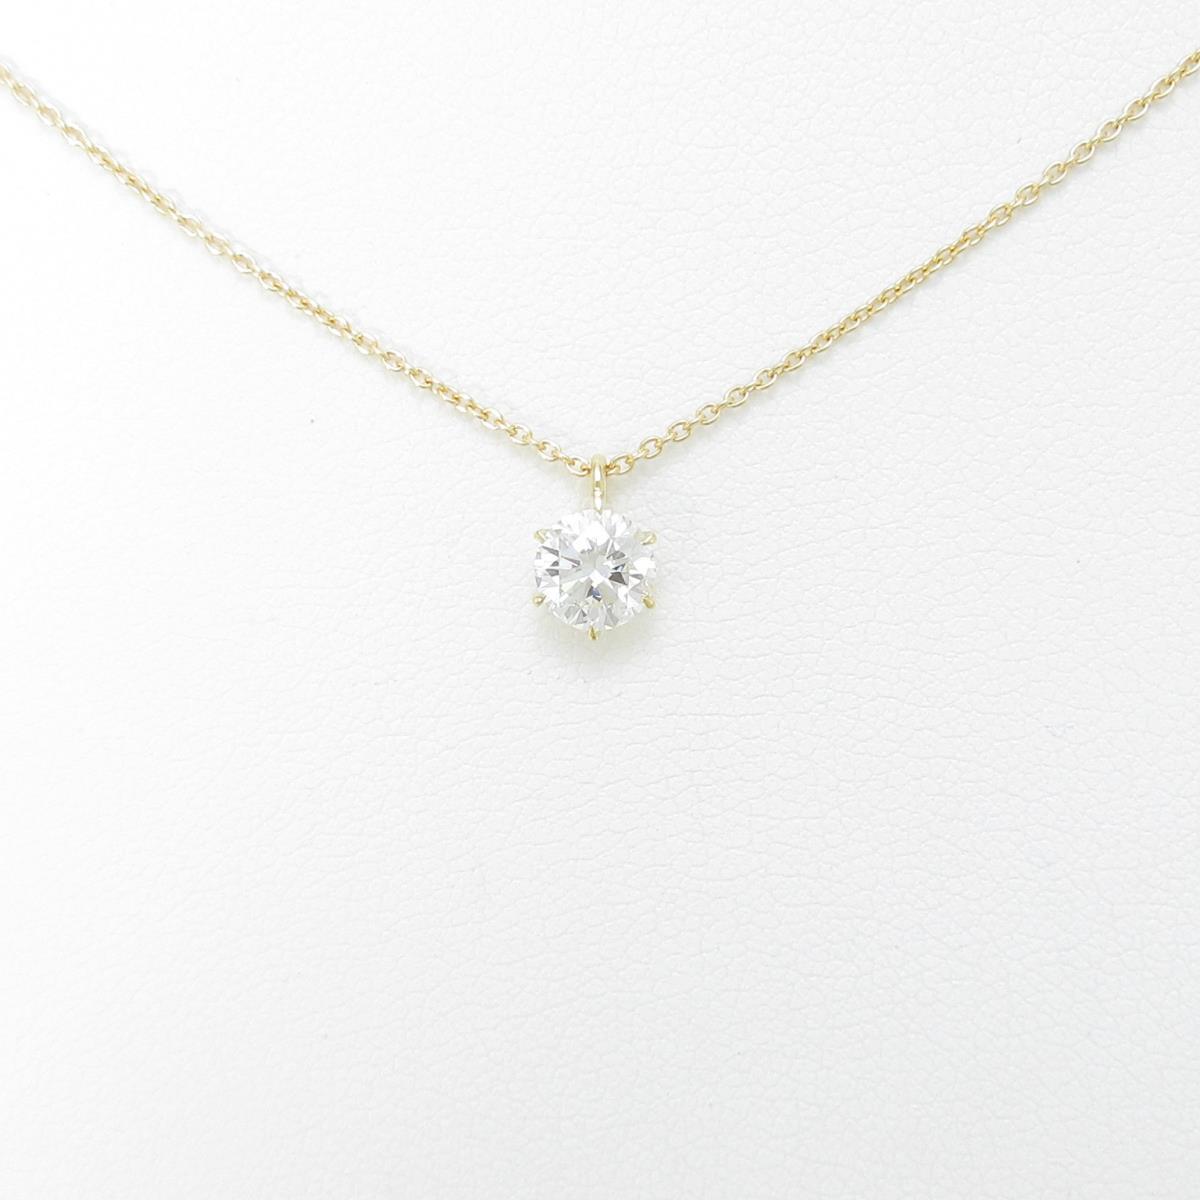 【リメイク】K18YG ダイヤモンドネックレス 0.517ct・H・SI1・GOOD【中古】